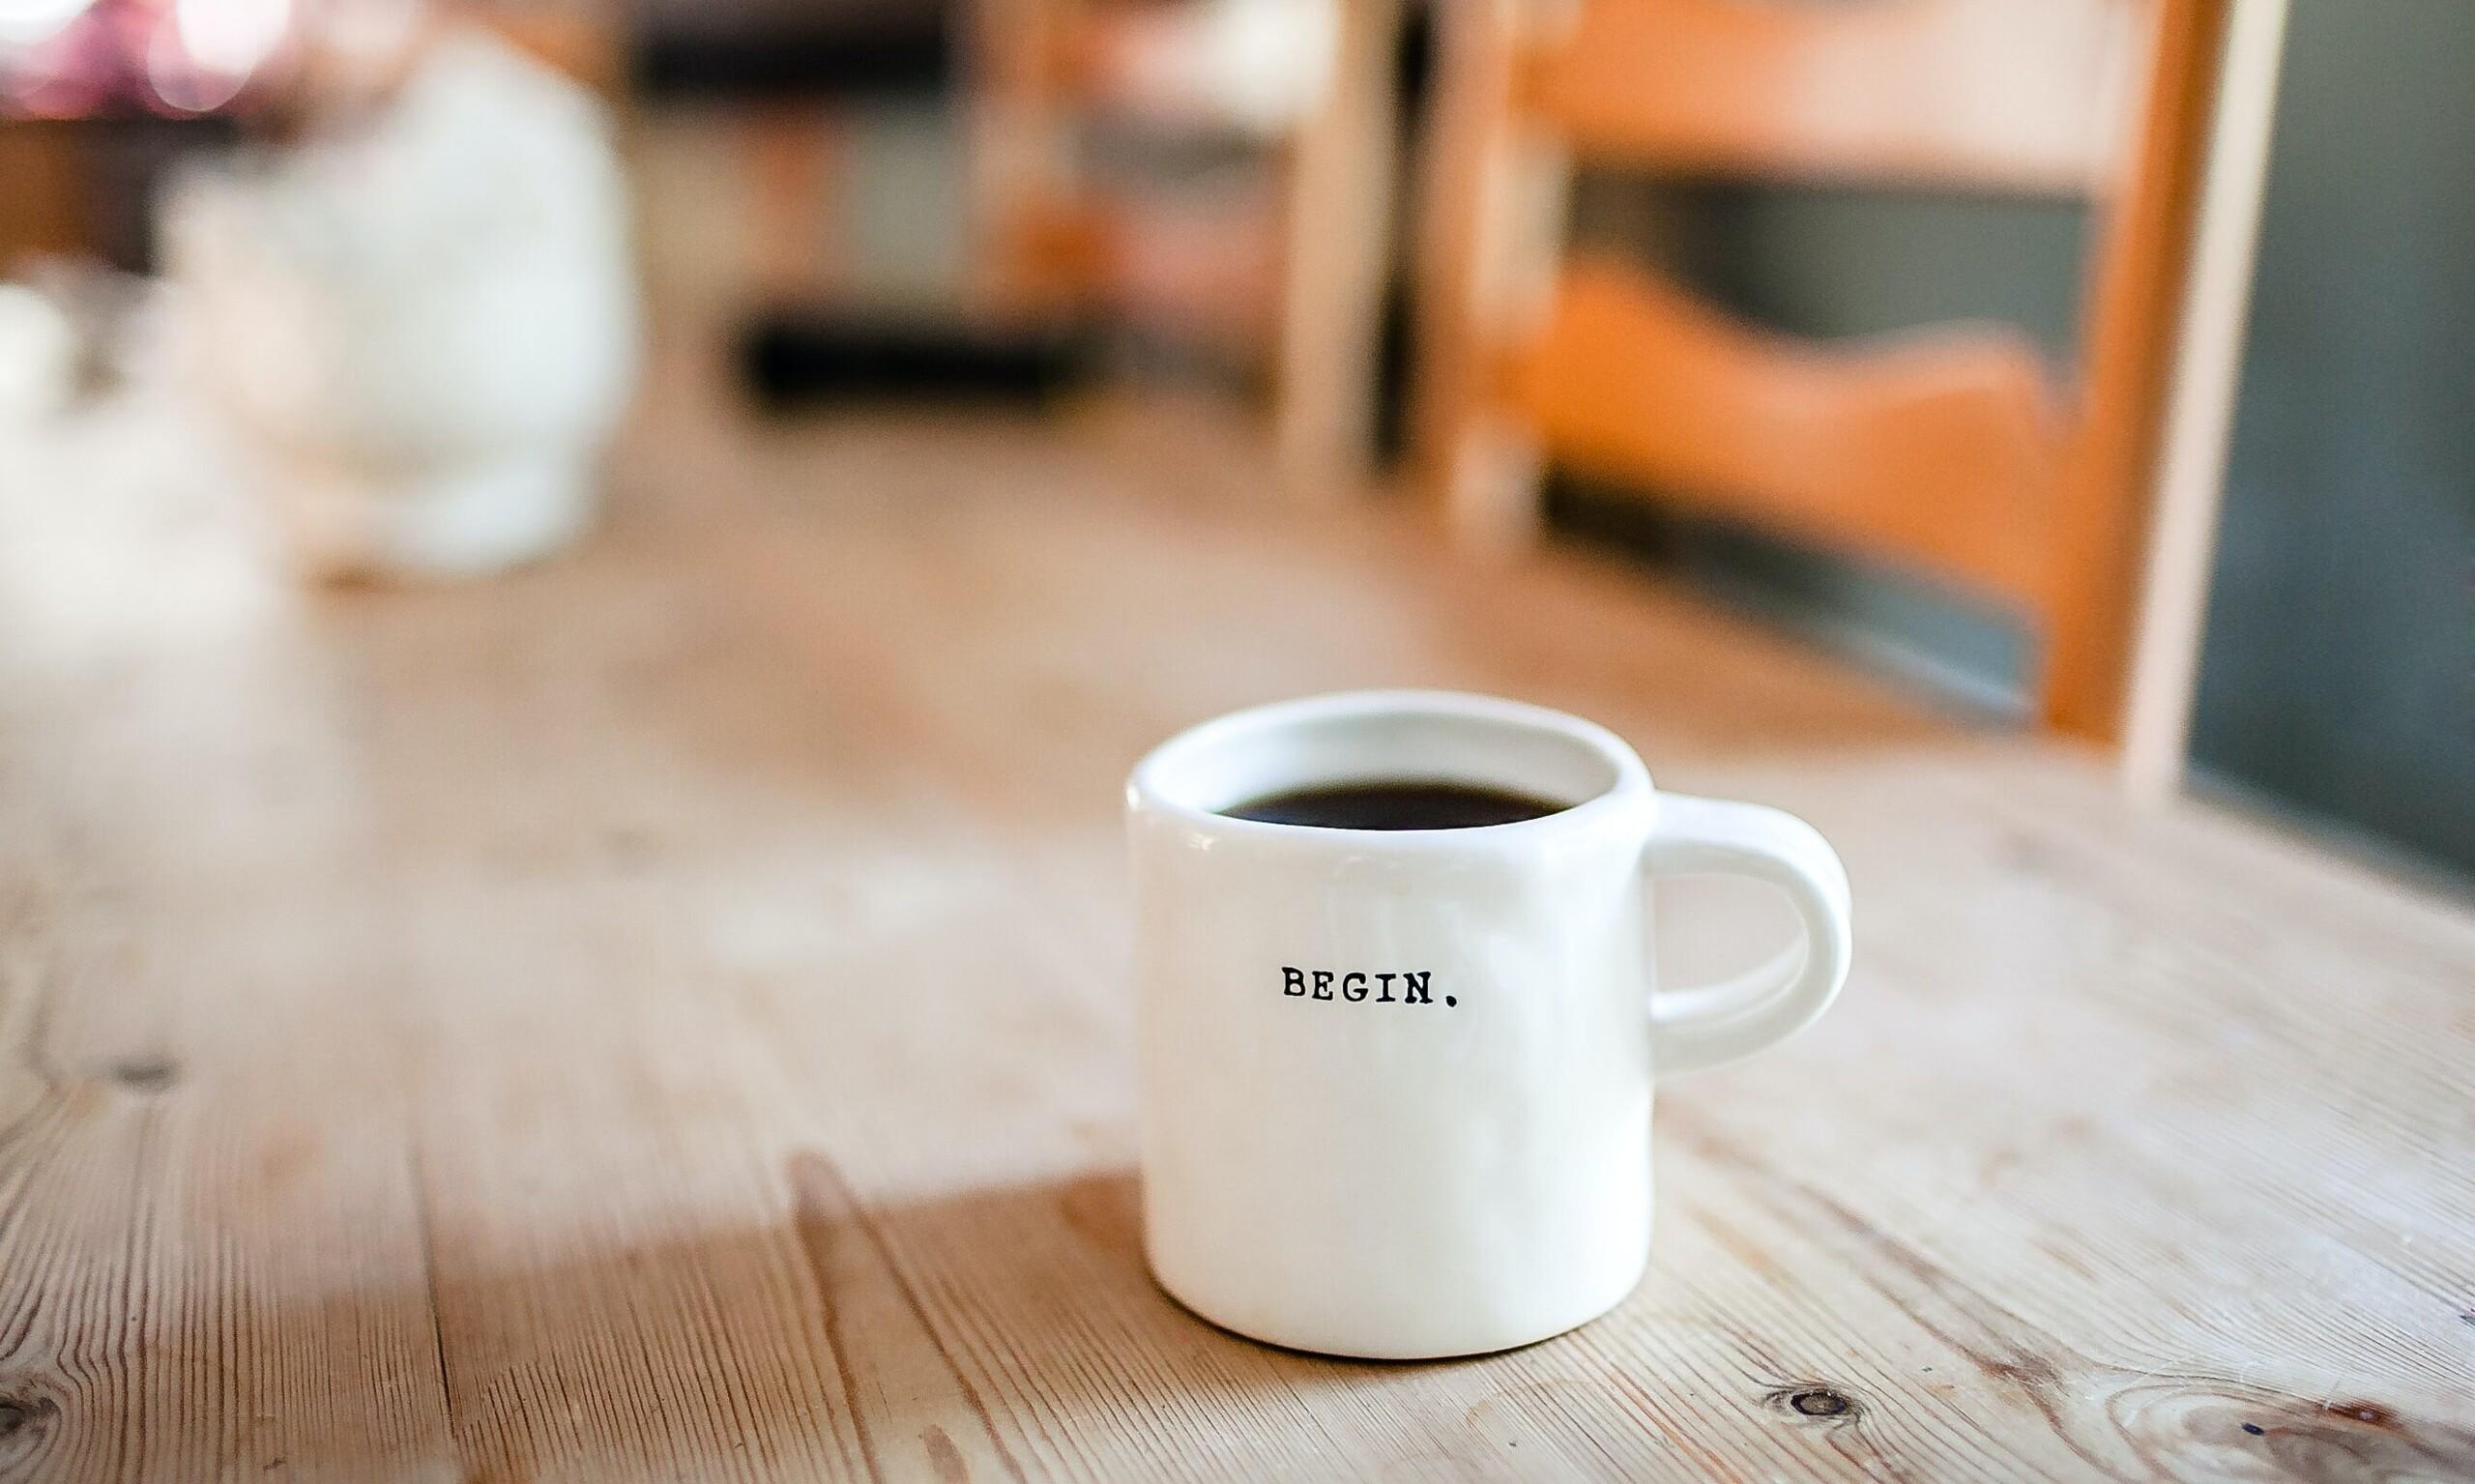 Kaffeetasse mit den Worten Begin.